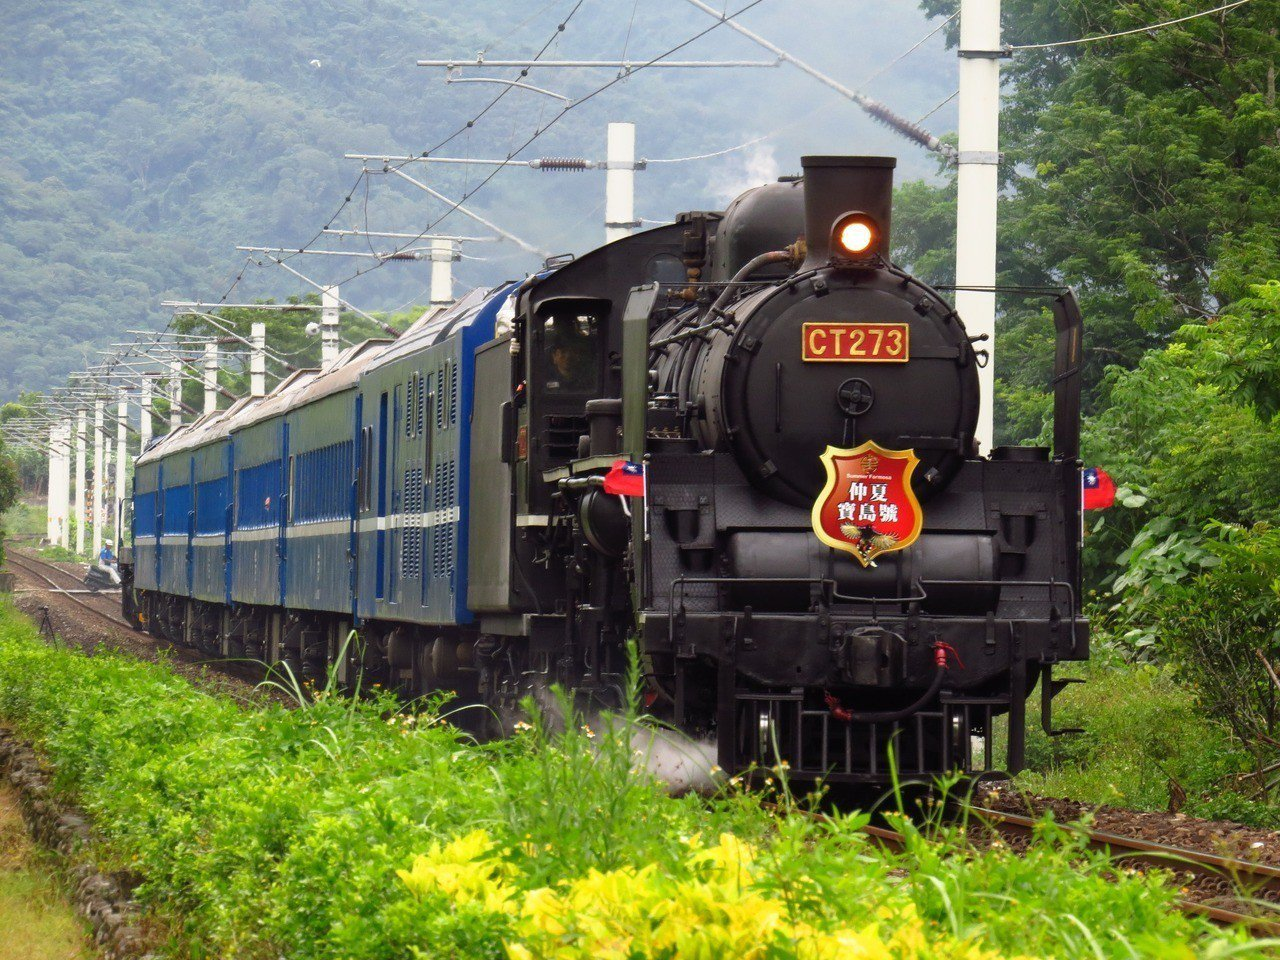 由 CT270國寶級蒸汽機車牽引牽引莒光號車廂的「仲夏寶島號」的3天2 夜環島行...